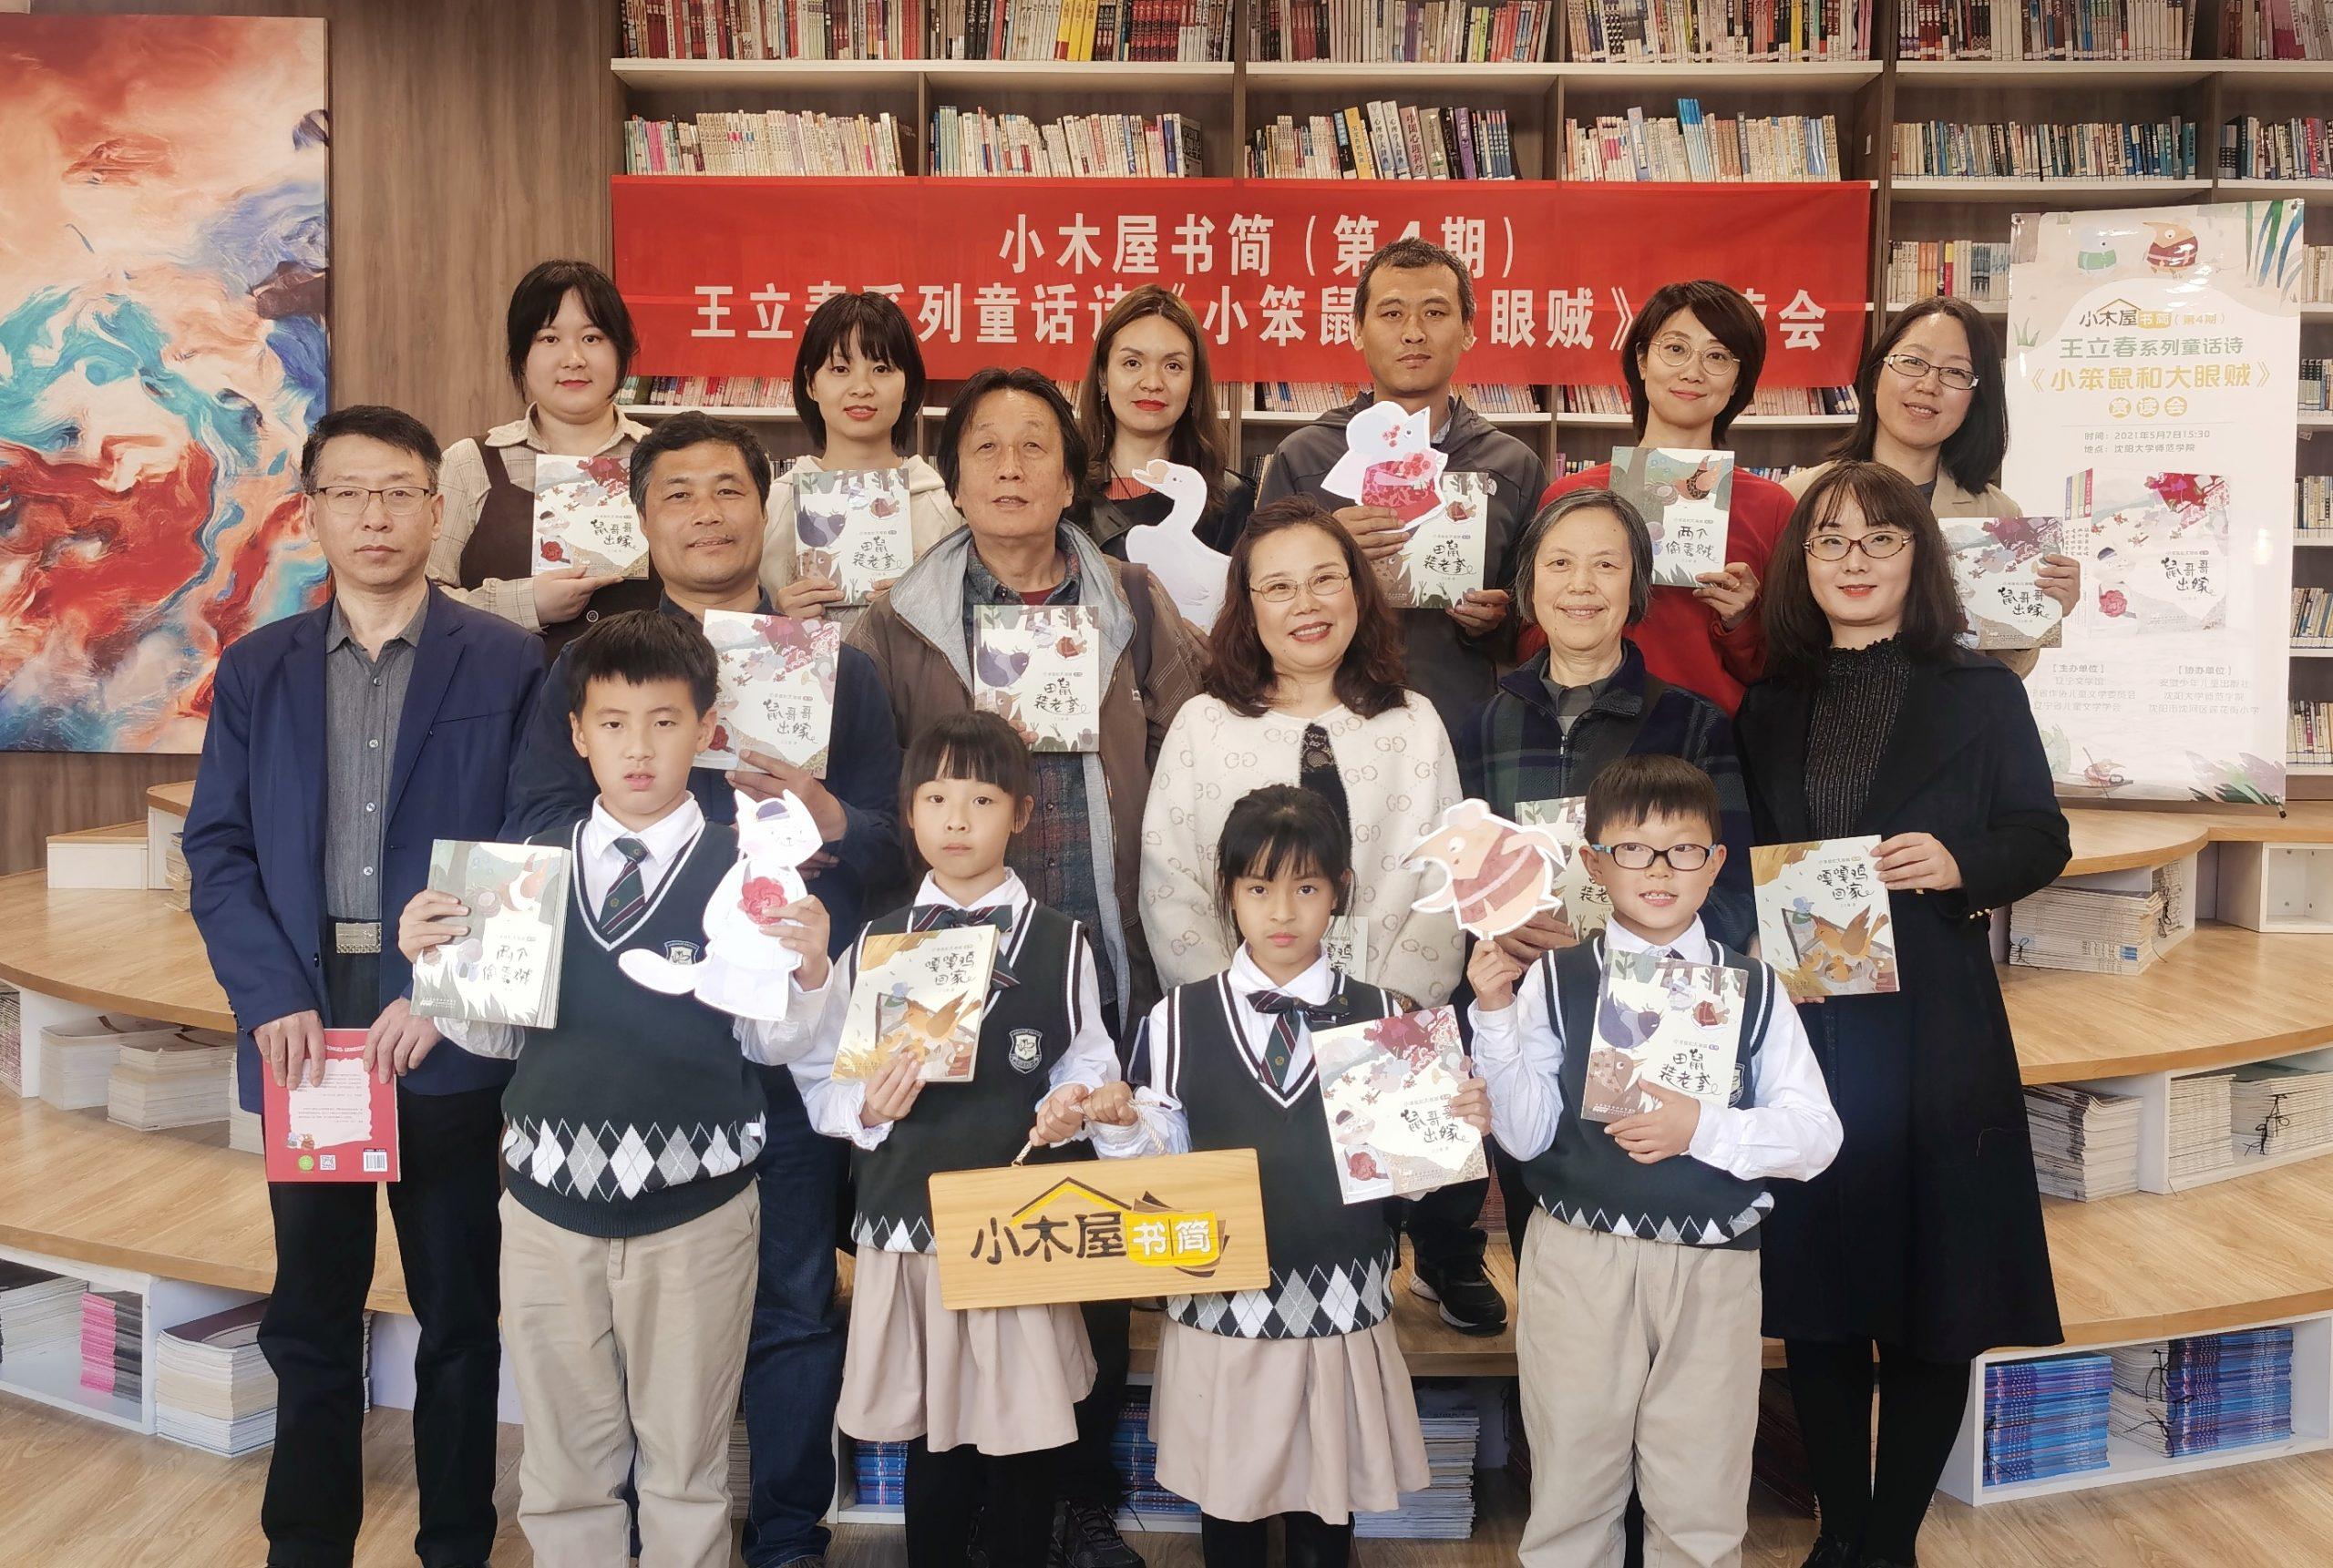 辽宁文学馆携手安徽少年儿童出版社举办王立春童话诗新作《小笨鼠和大眼贼》赏读活动